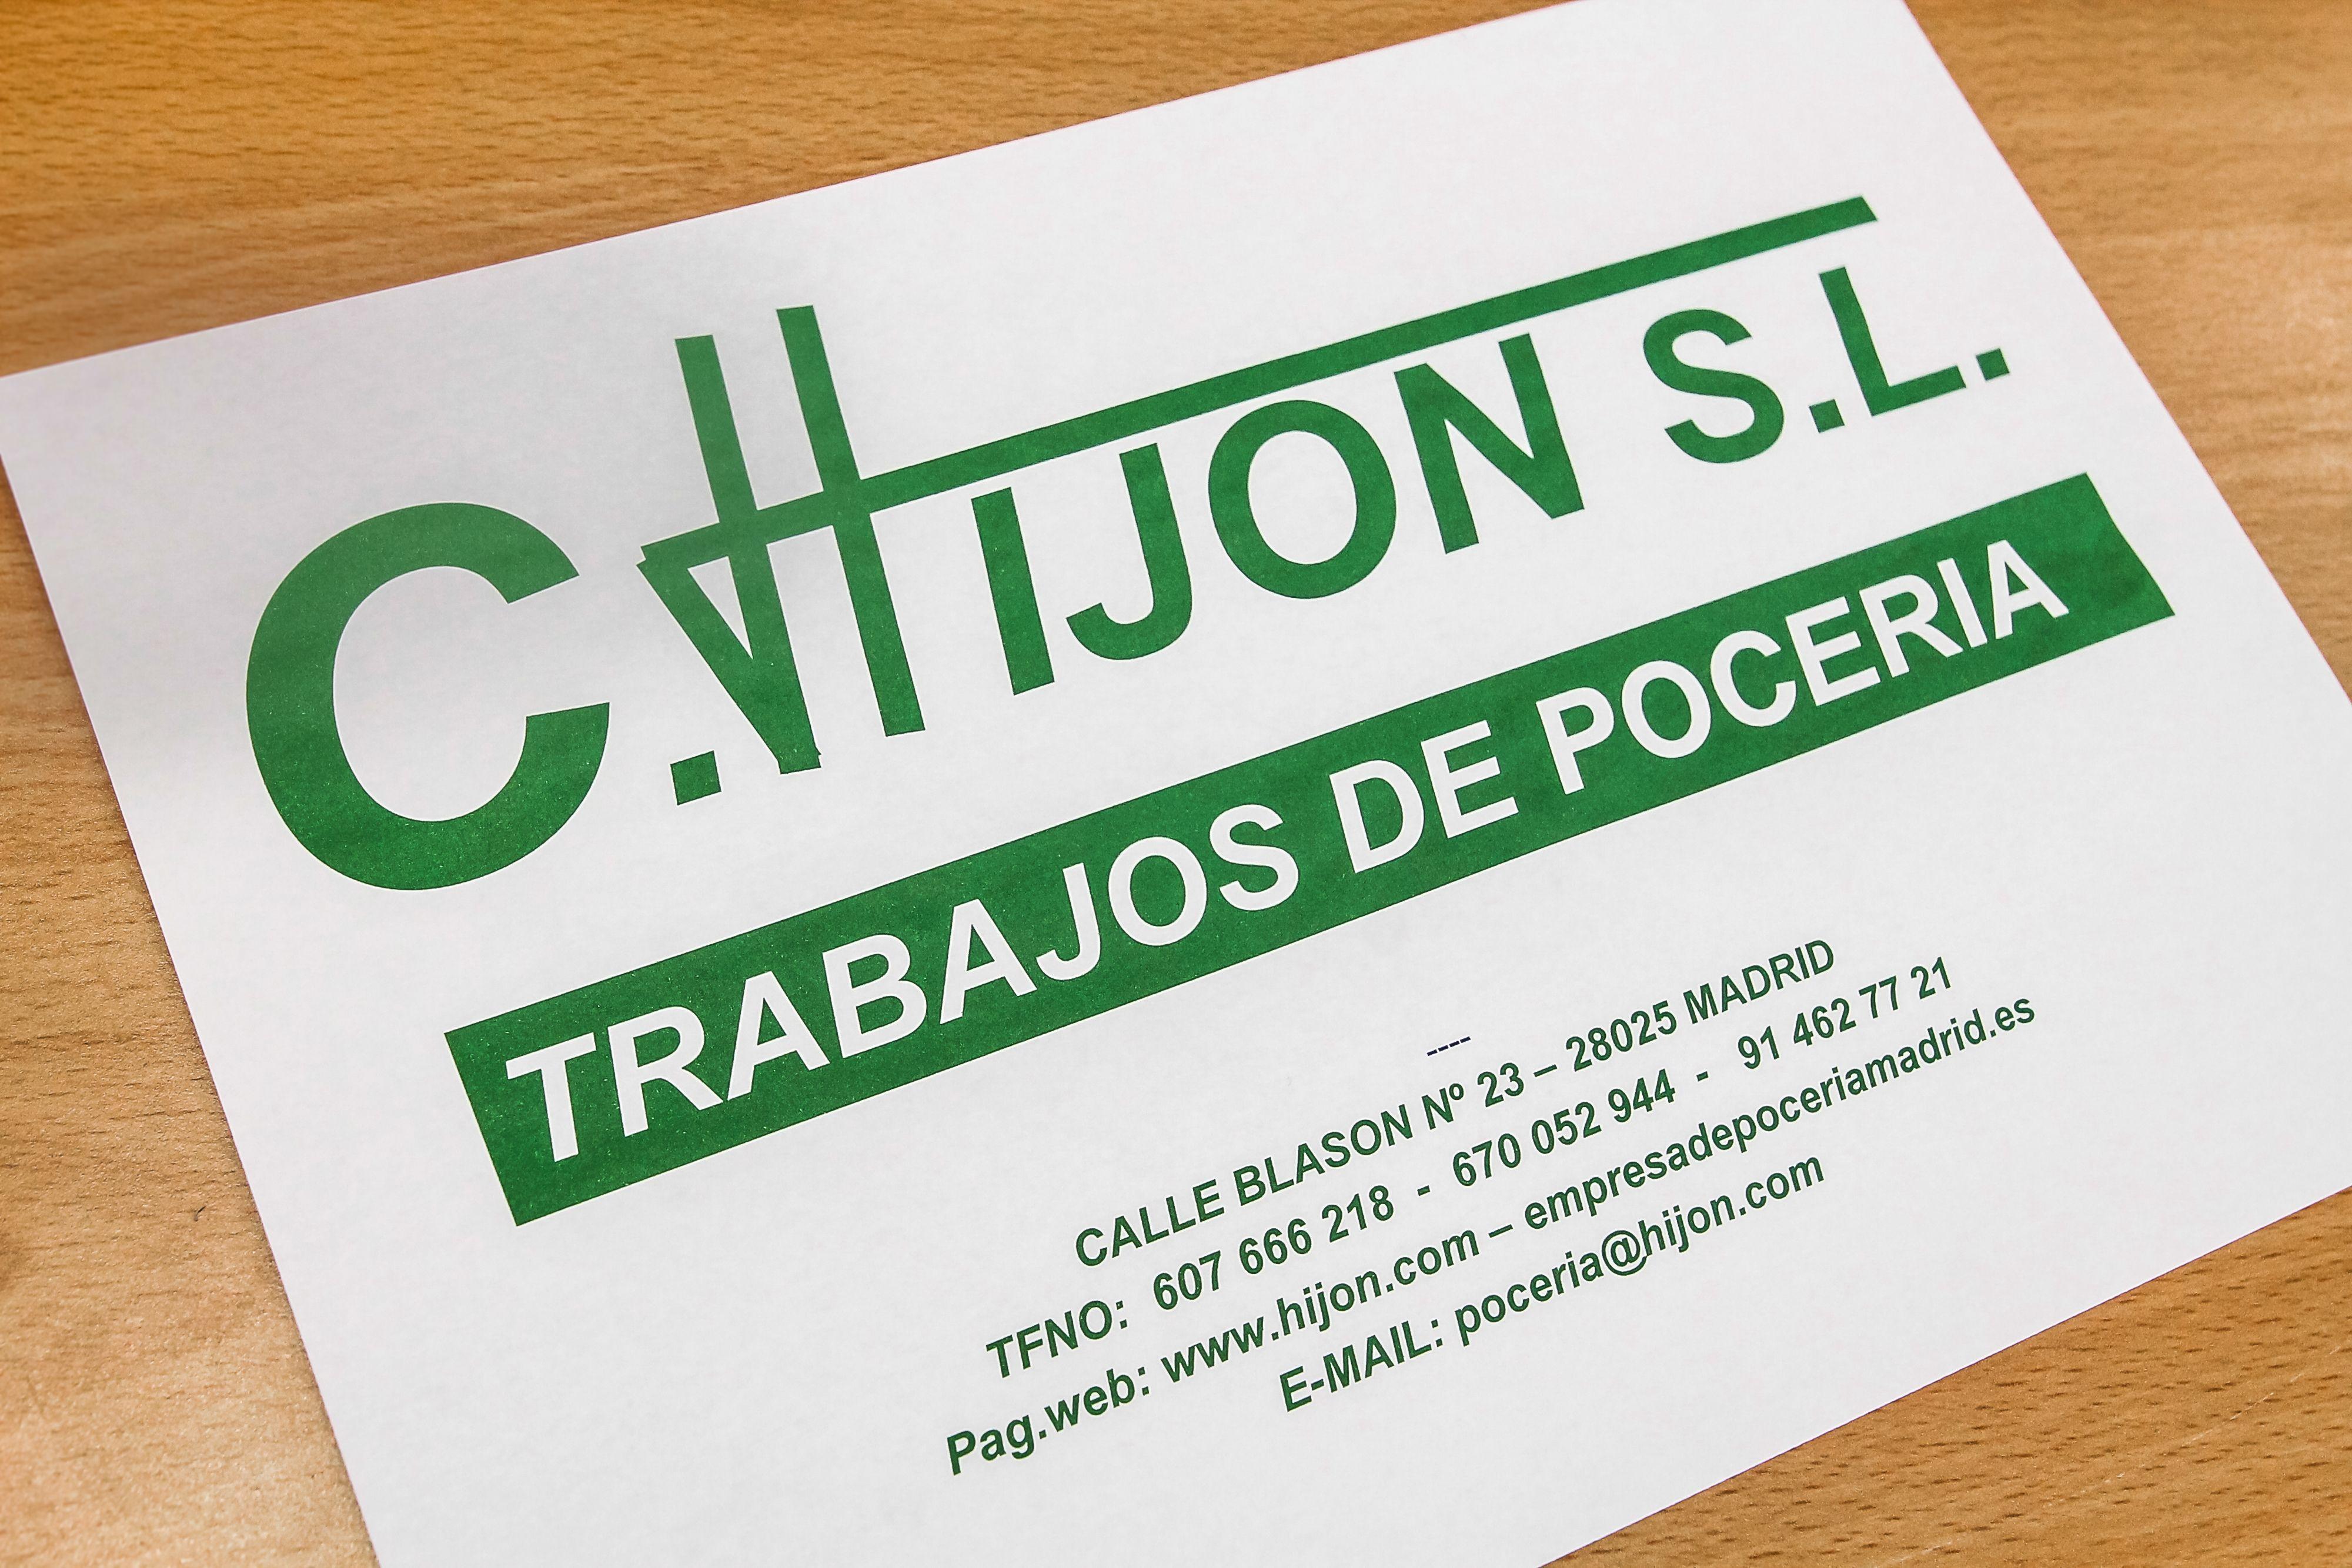 Foto 8 de Inspección técnica de edificios en Madrid | C. Hijon, S.L.